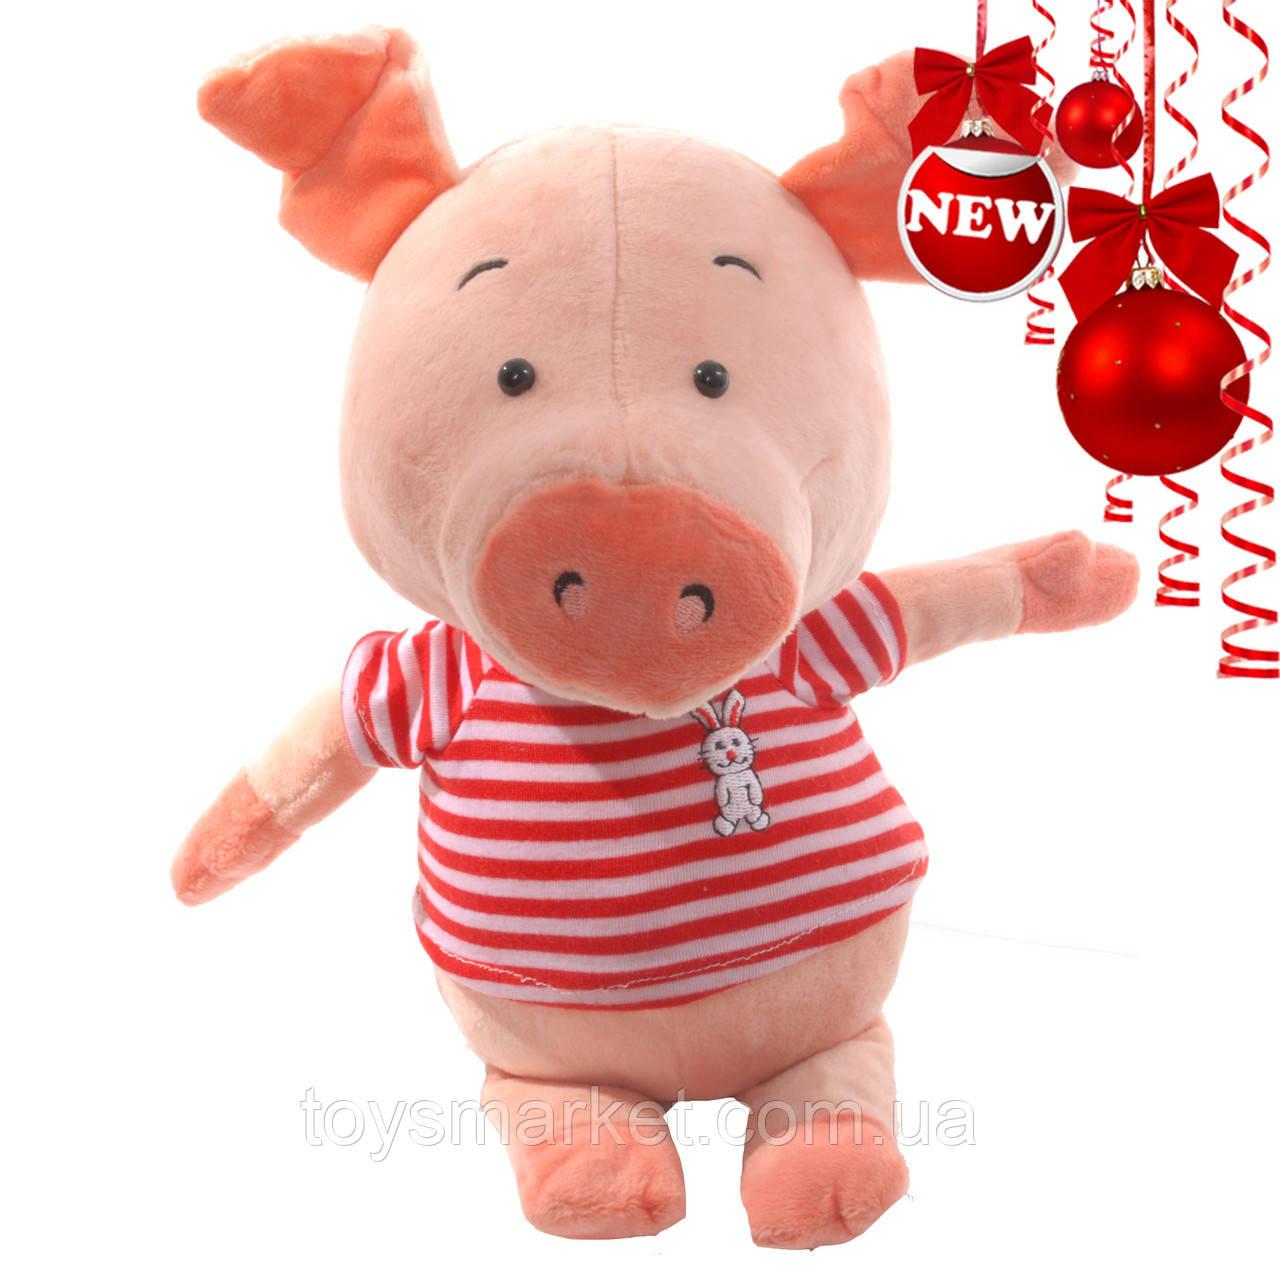 Мягкая игрушка Свинка Фантина (маленькая)